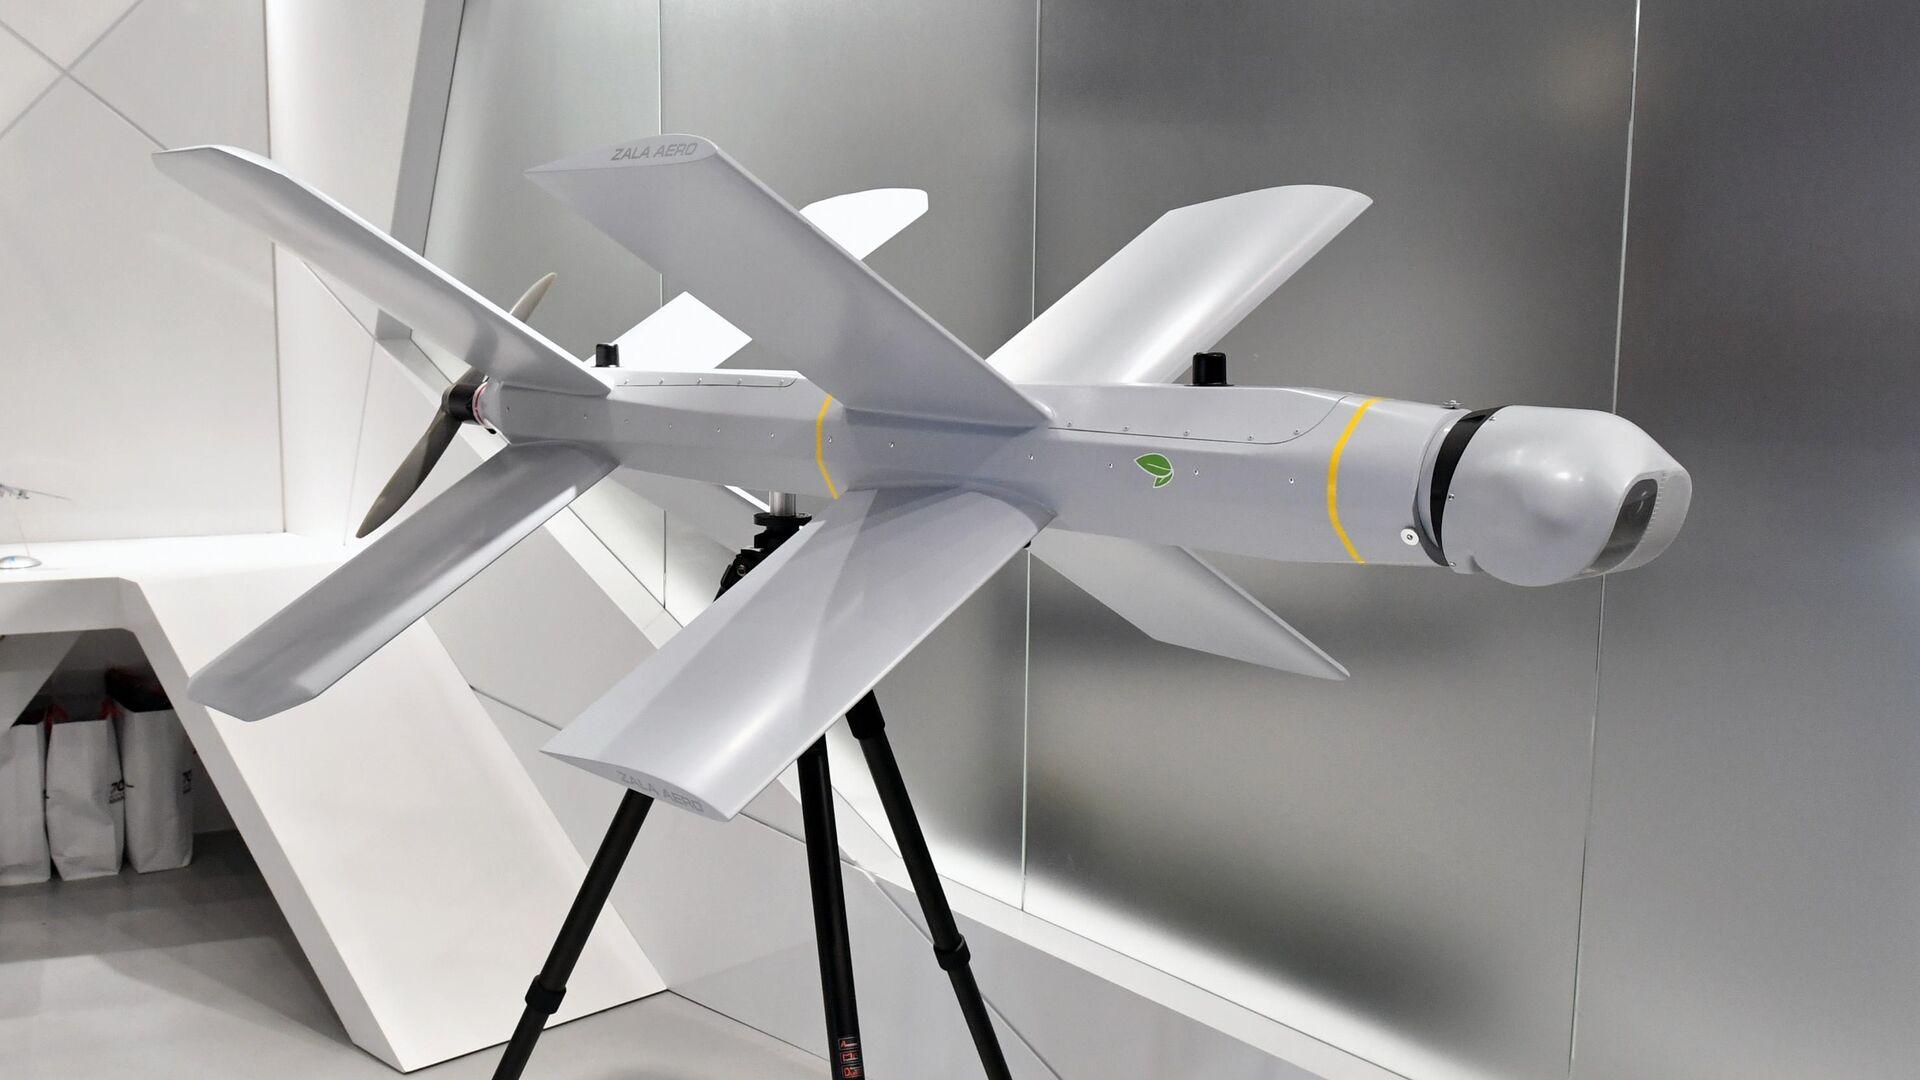 МЭИ предложила способ повысить дальность полетов дронов